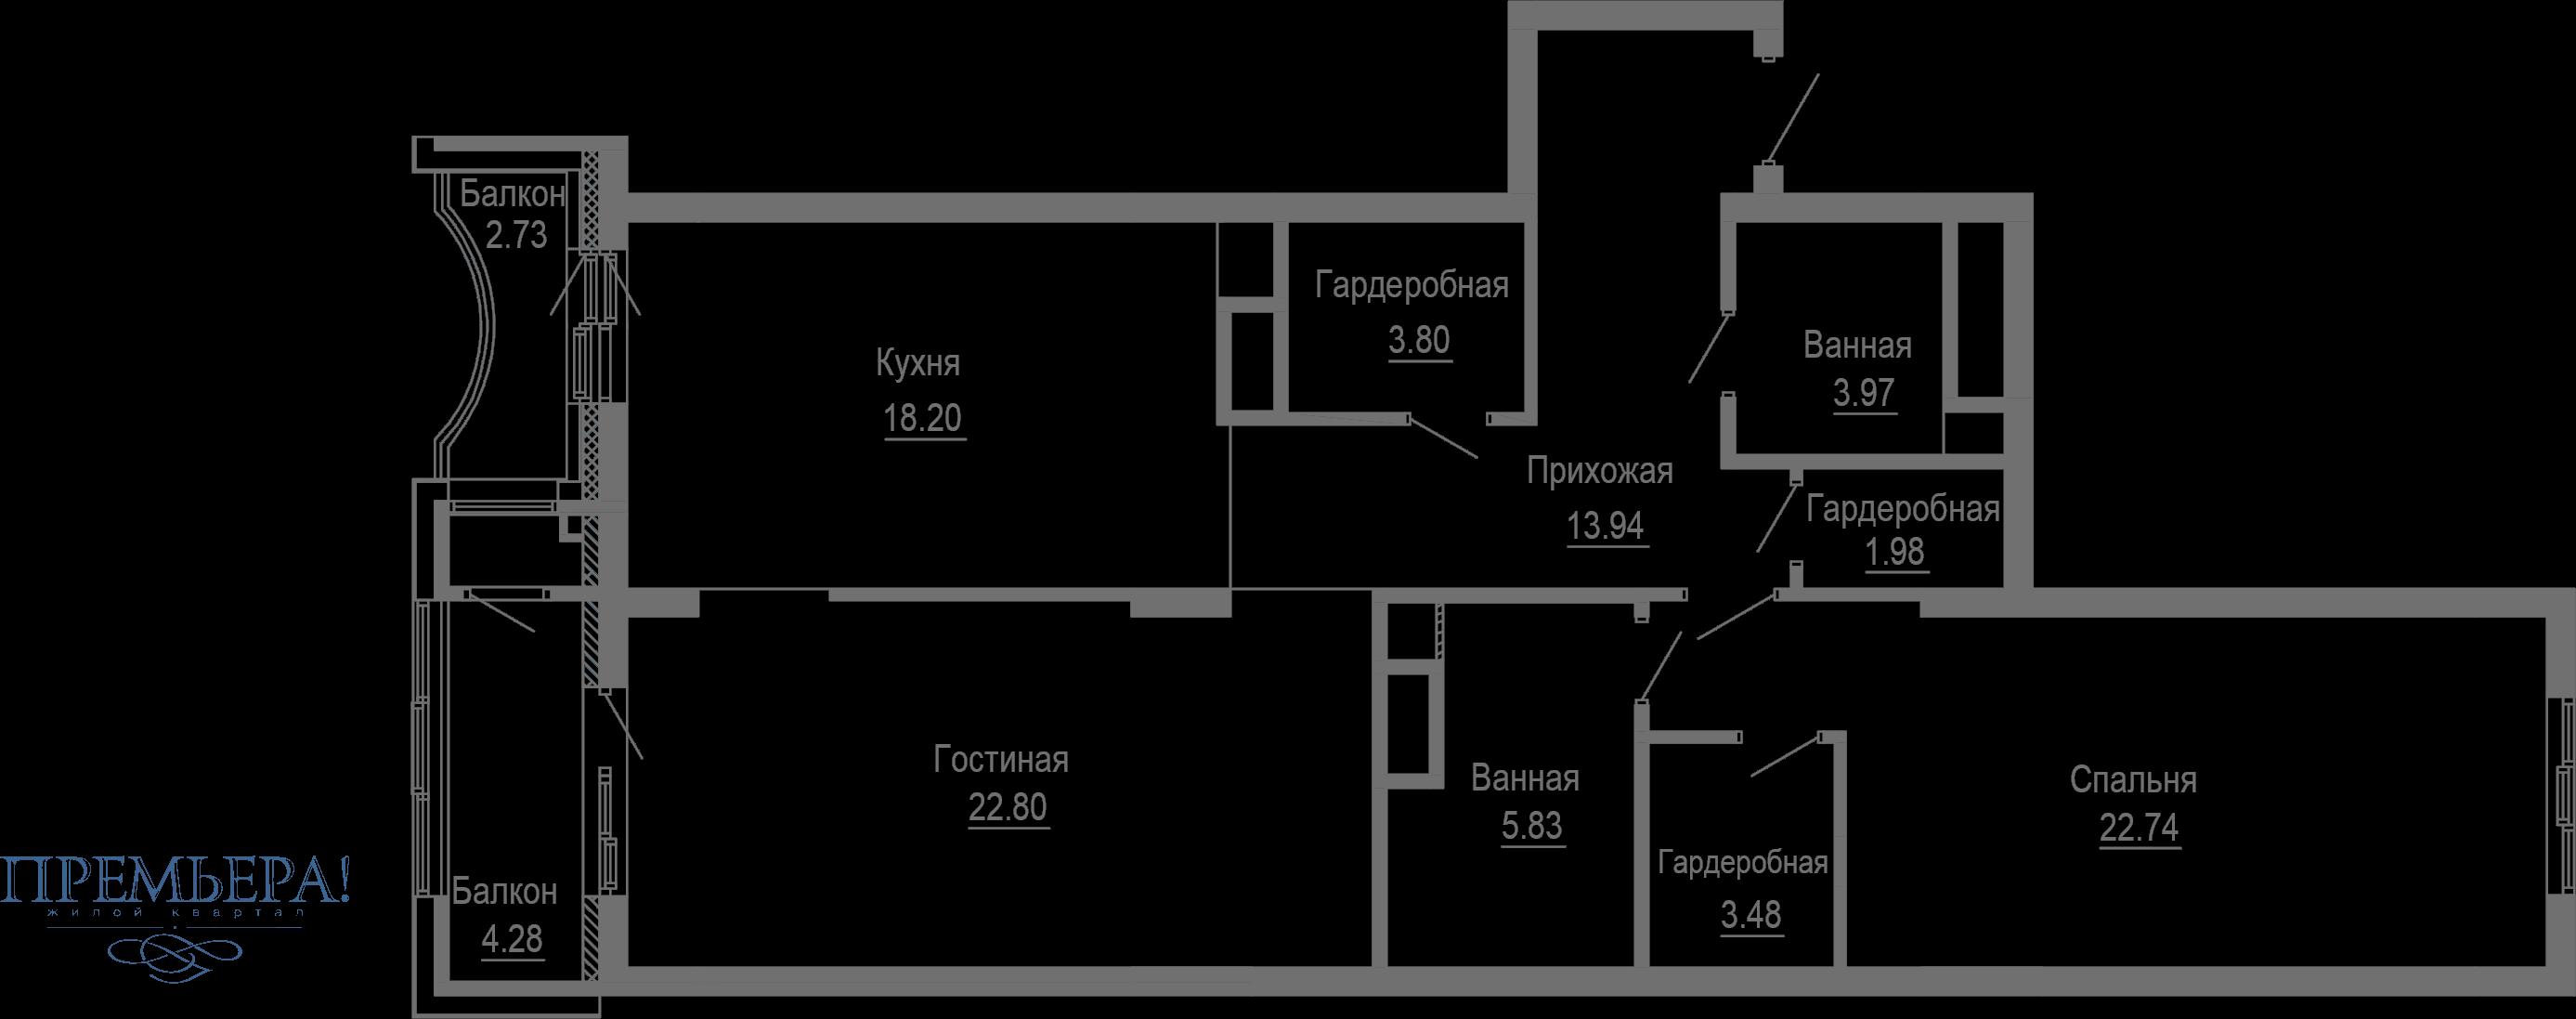 Квартира 59